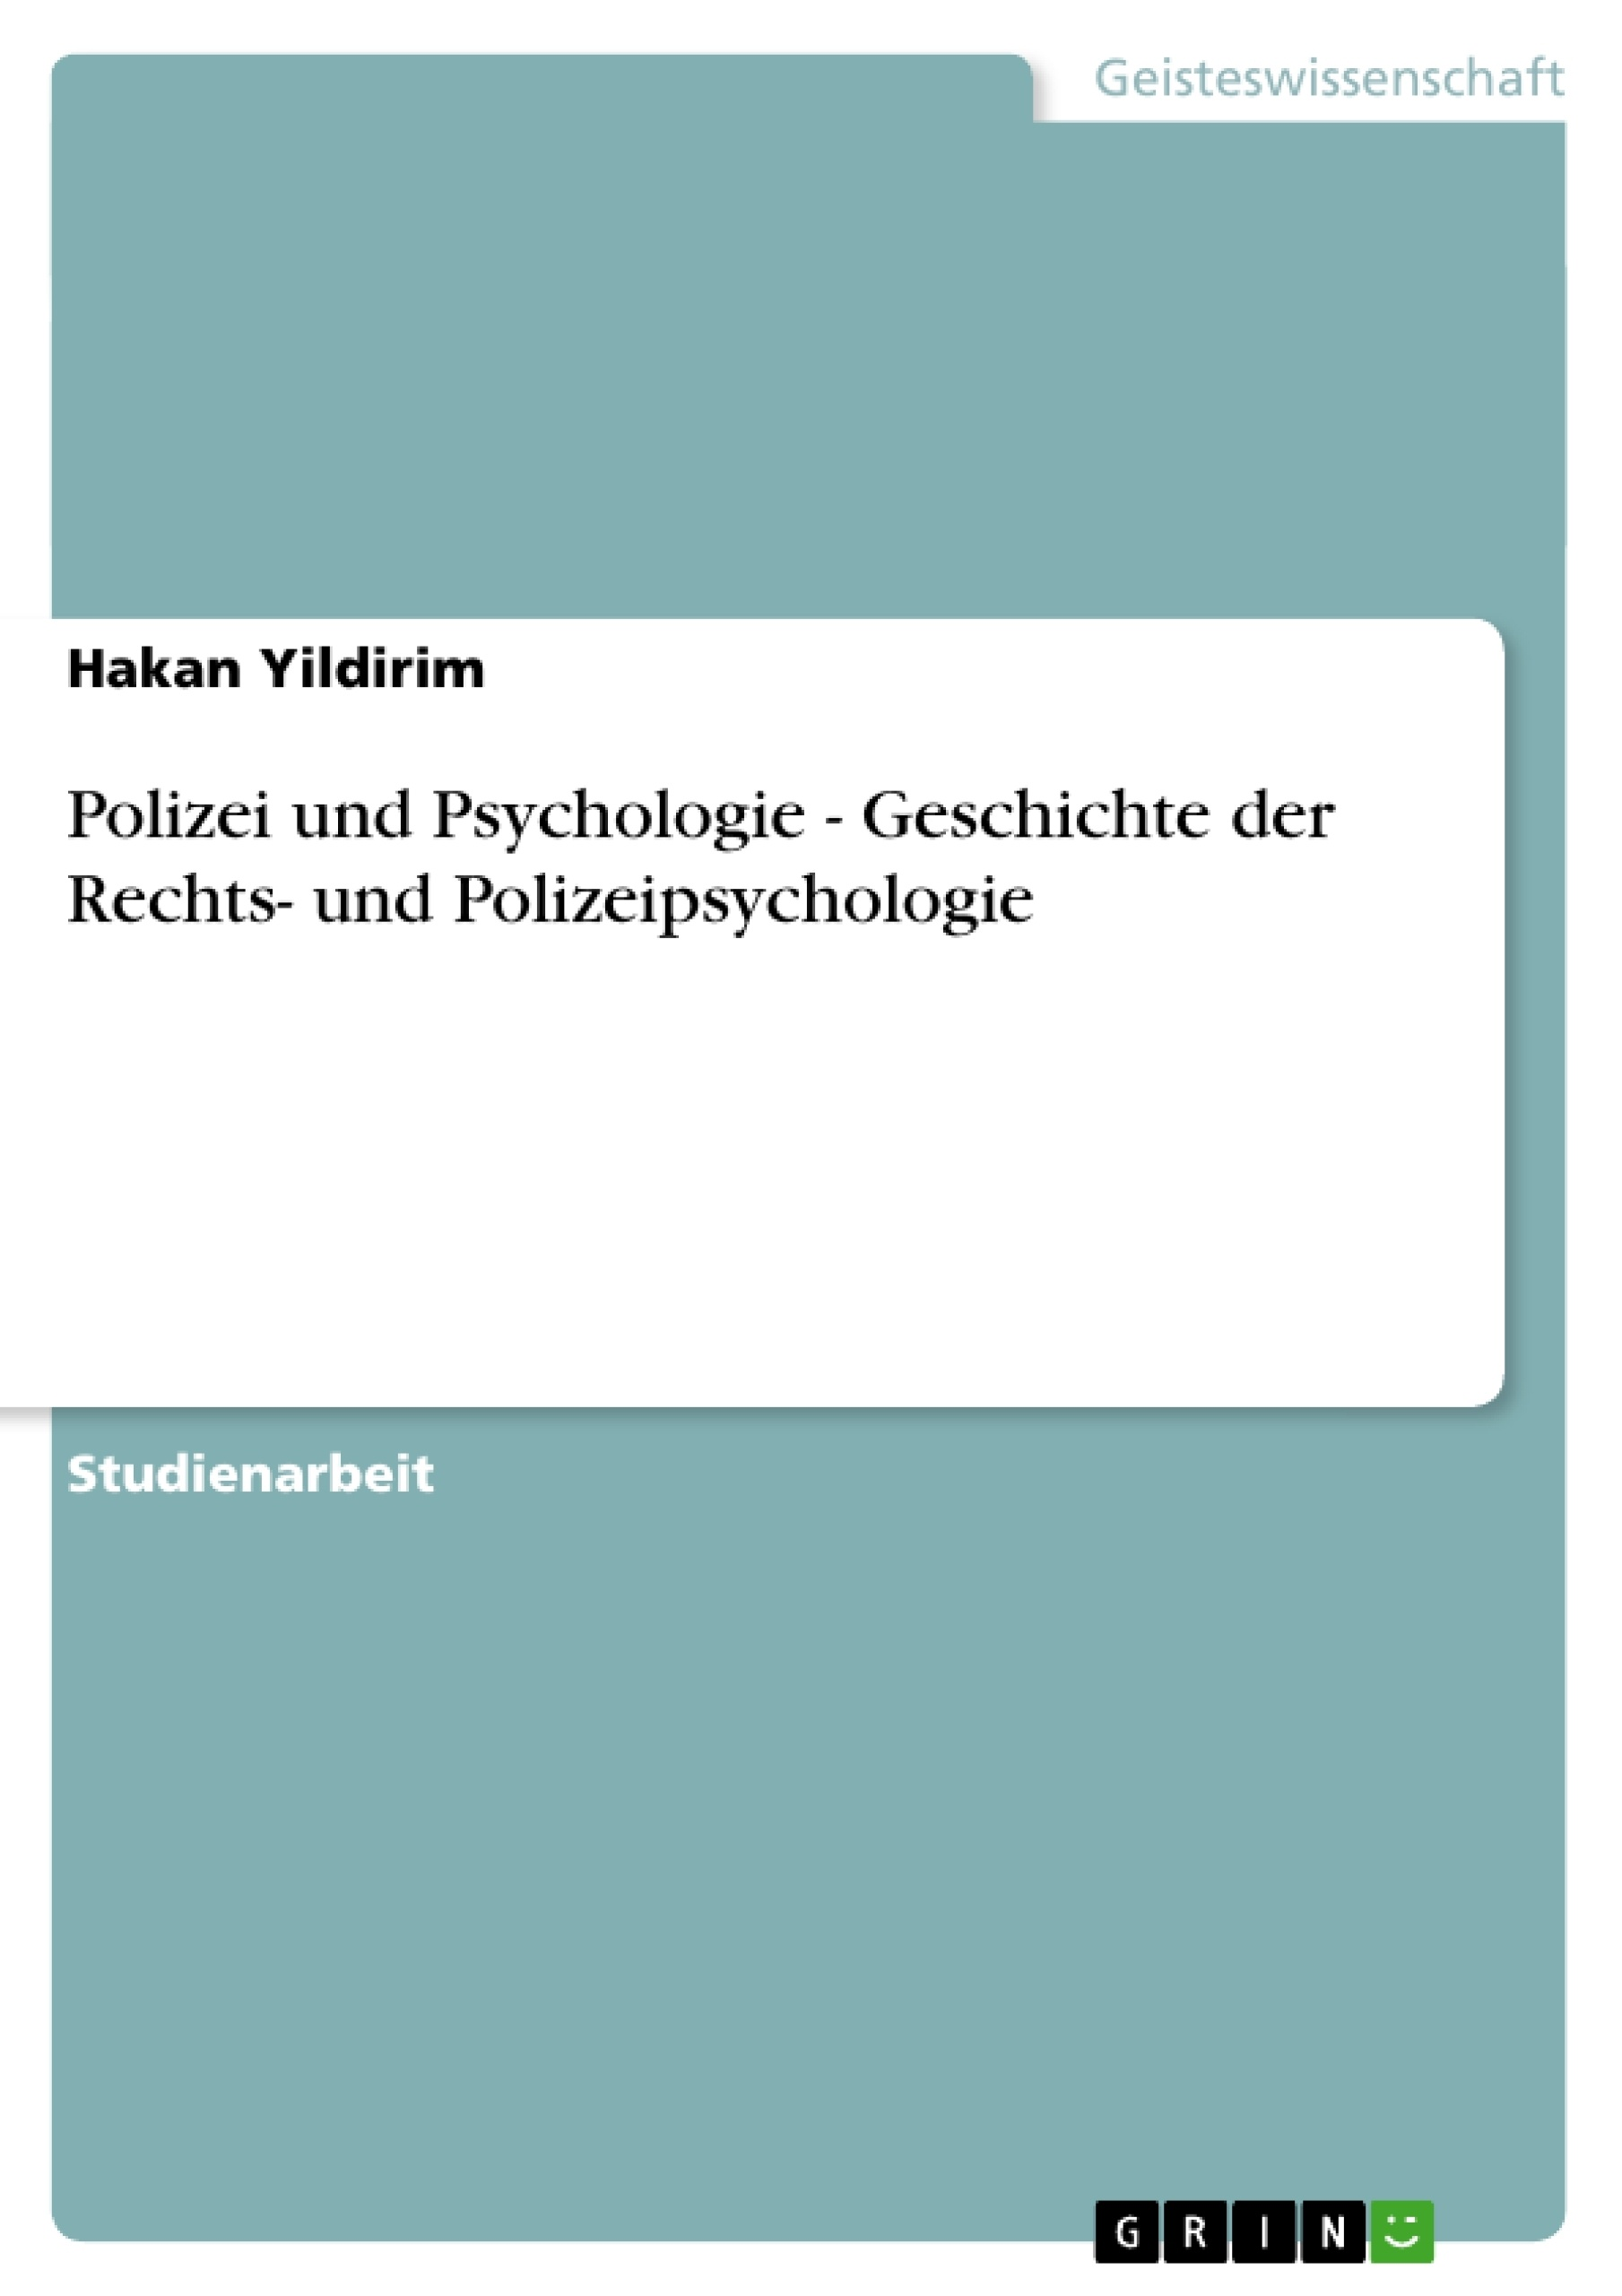 Titel: Polizei und Psychologie - Geschichte der Rechts- und Polizeipsychologie